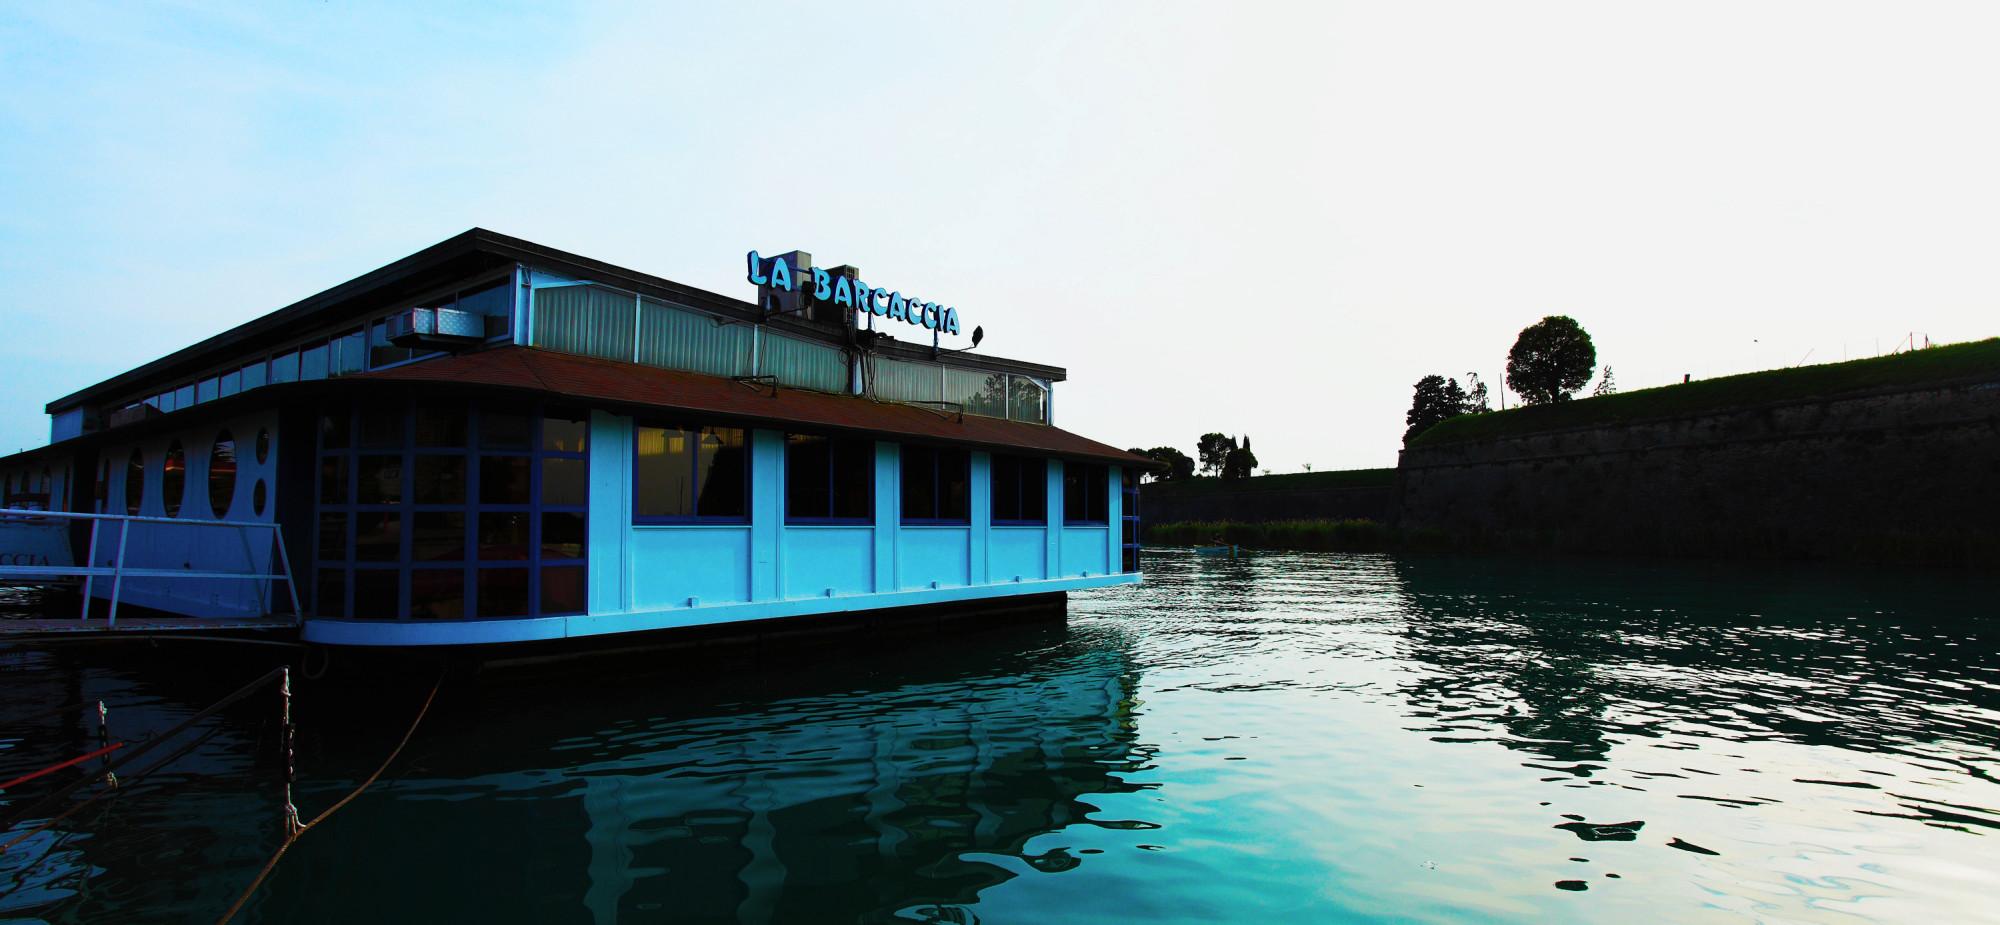 barcaccia_1